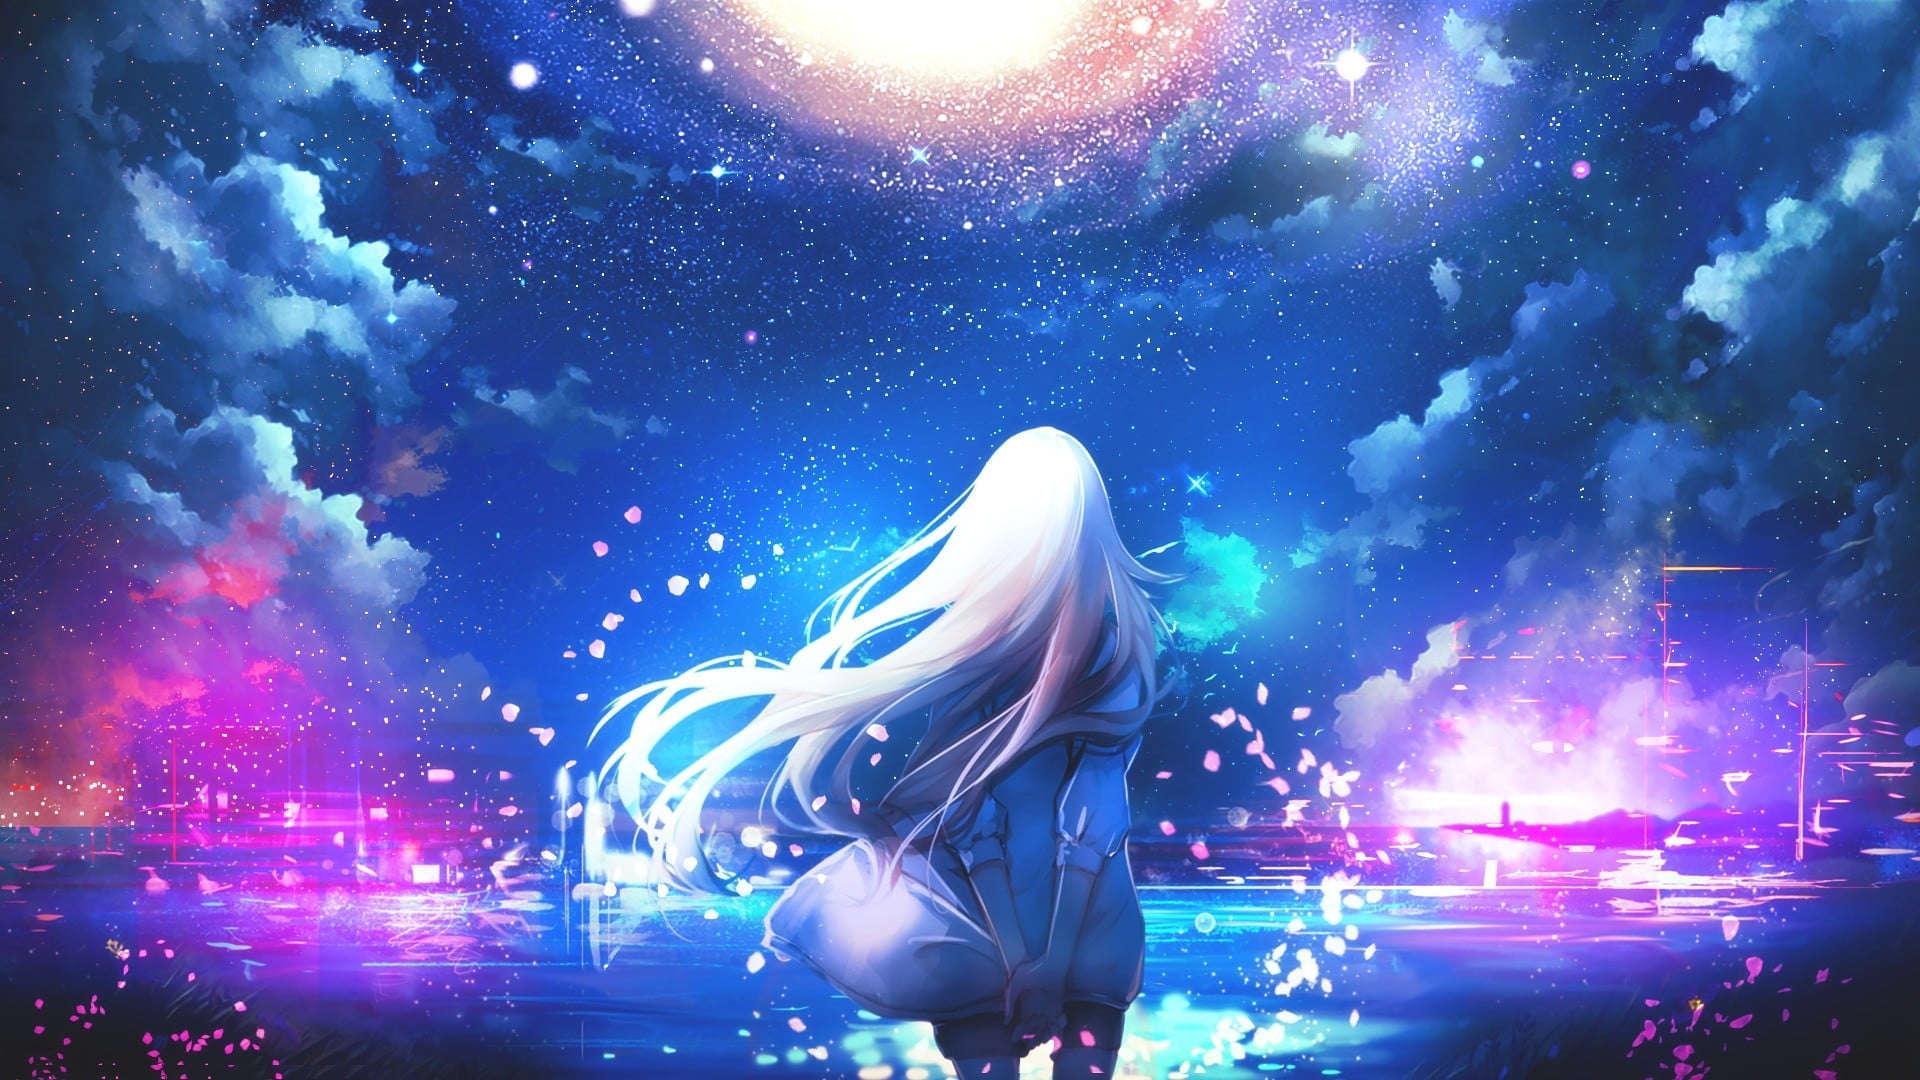 Wallpaper keren pc anime girl